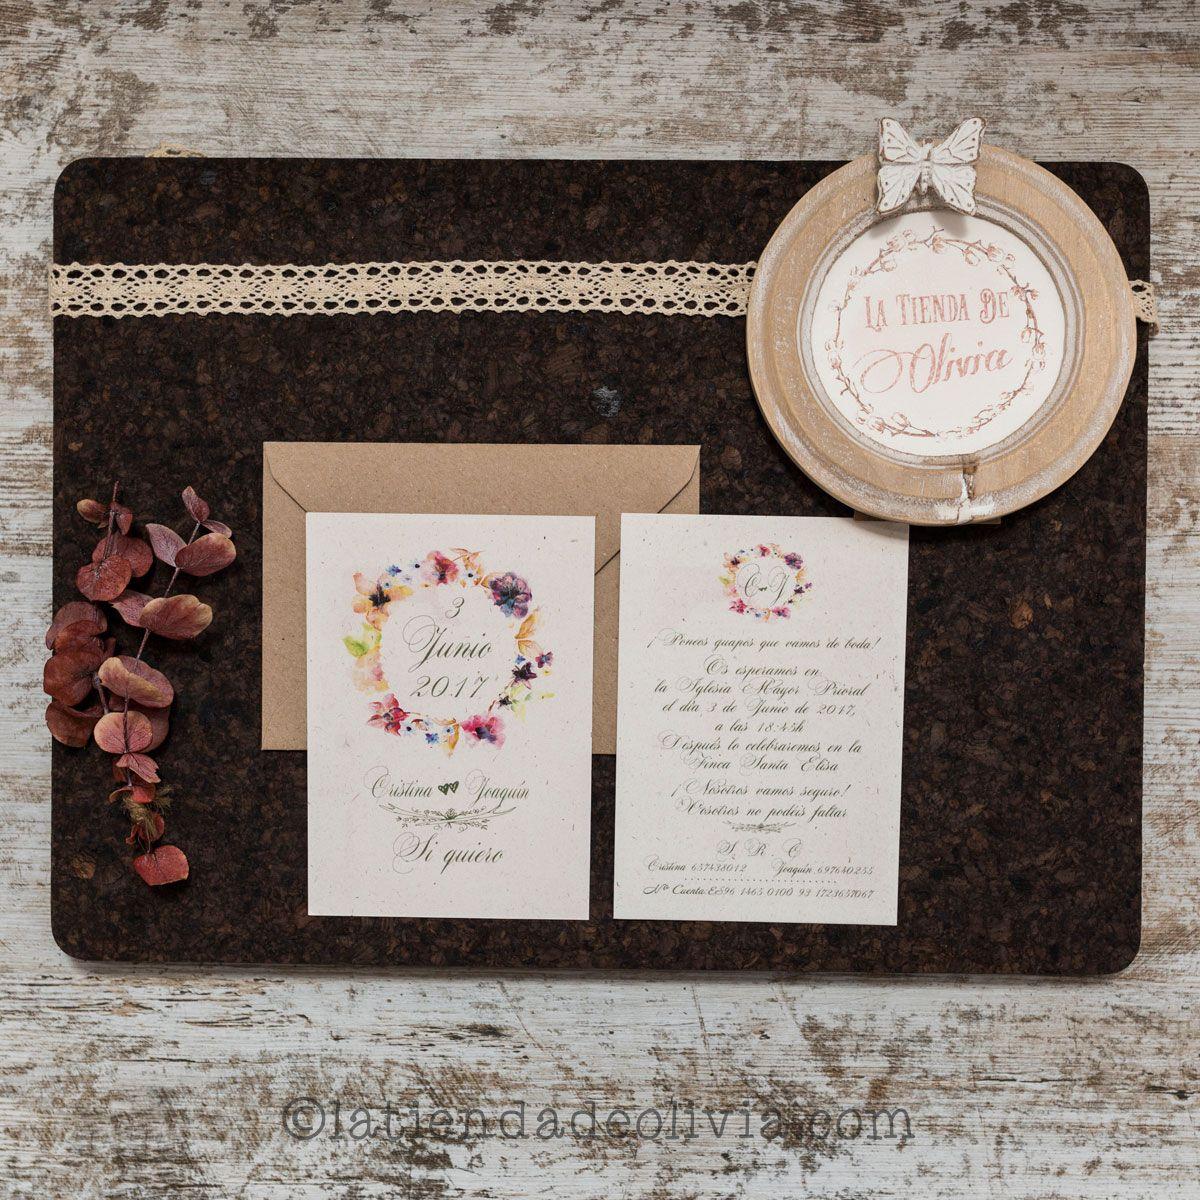 Invitaciones de boda en Pamplona